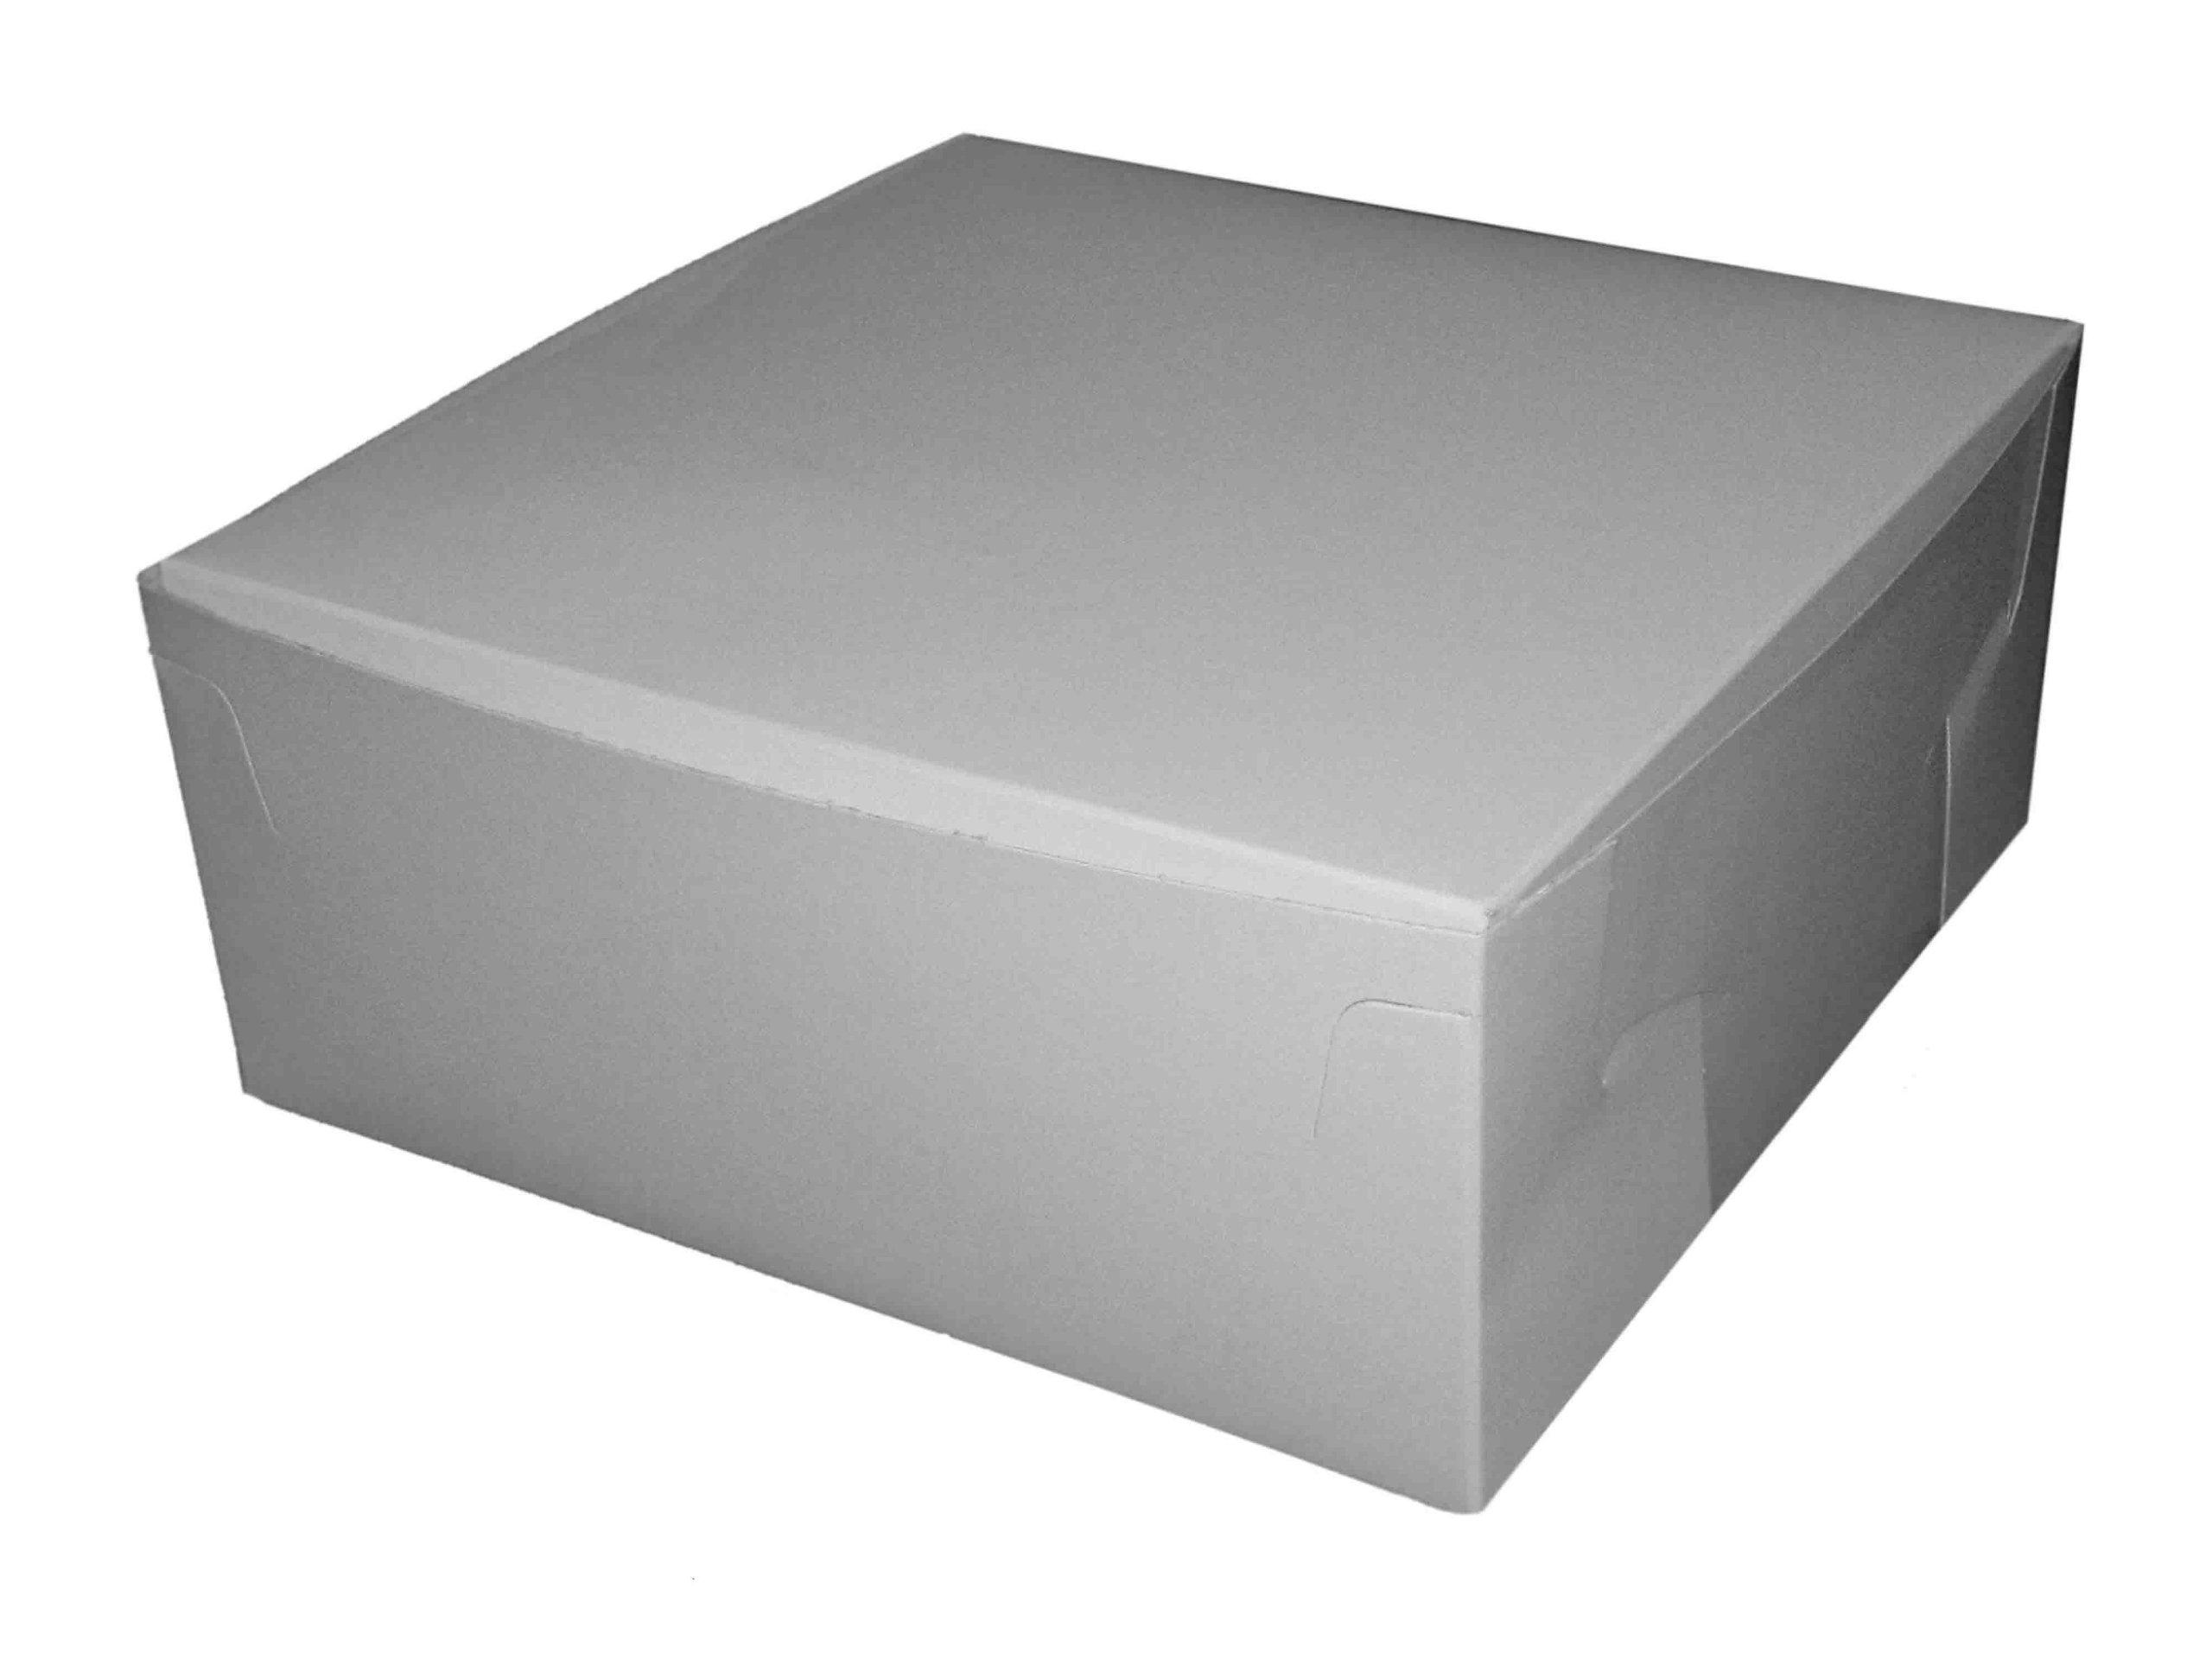 AVM 250 Blanco Caja de cartón para Pasteles (6 x 6 x 3